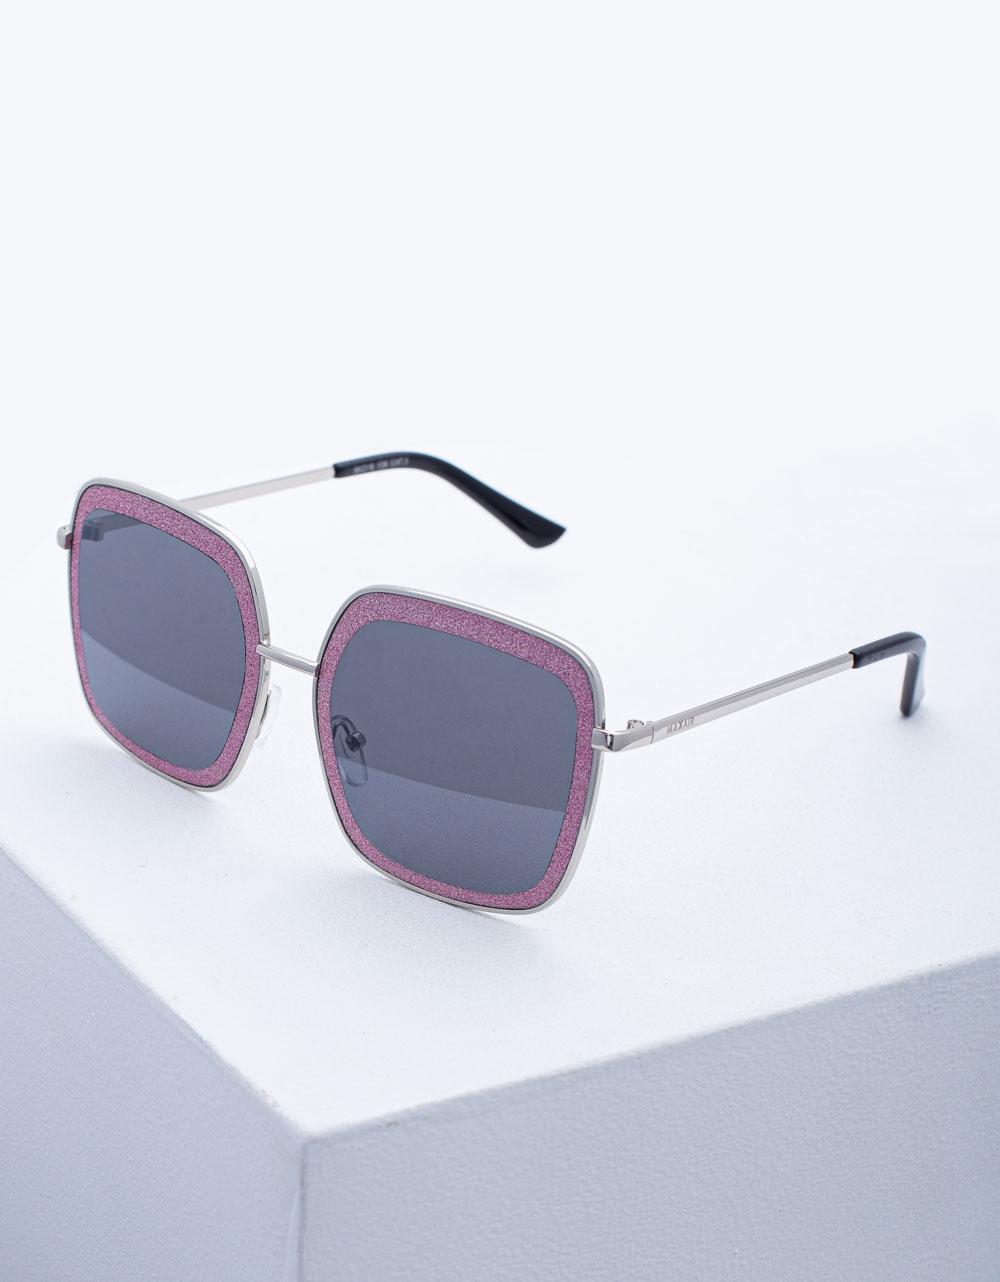 Εικόνα από Γυναικεία γυαλιά ηλίου oversized με τετράγωνο σχήμα Ροζ